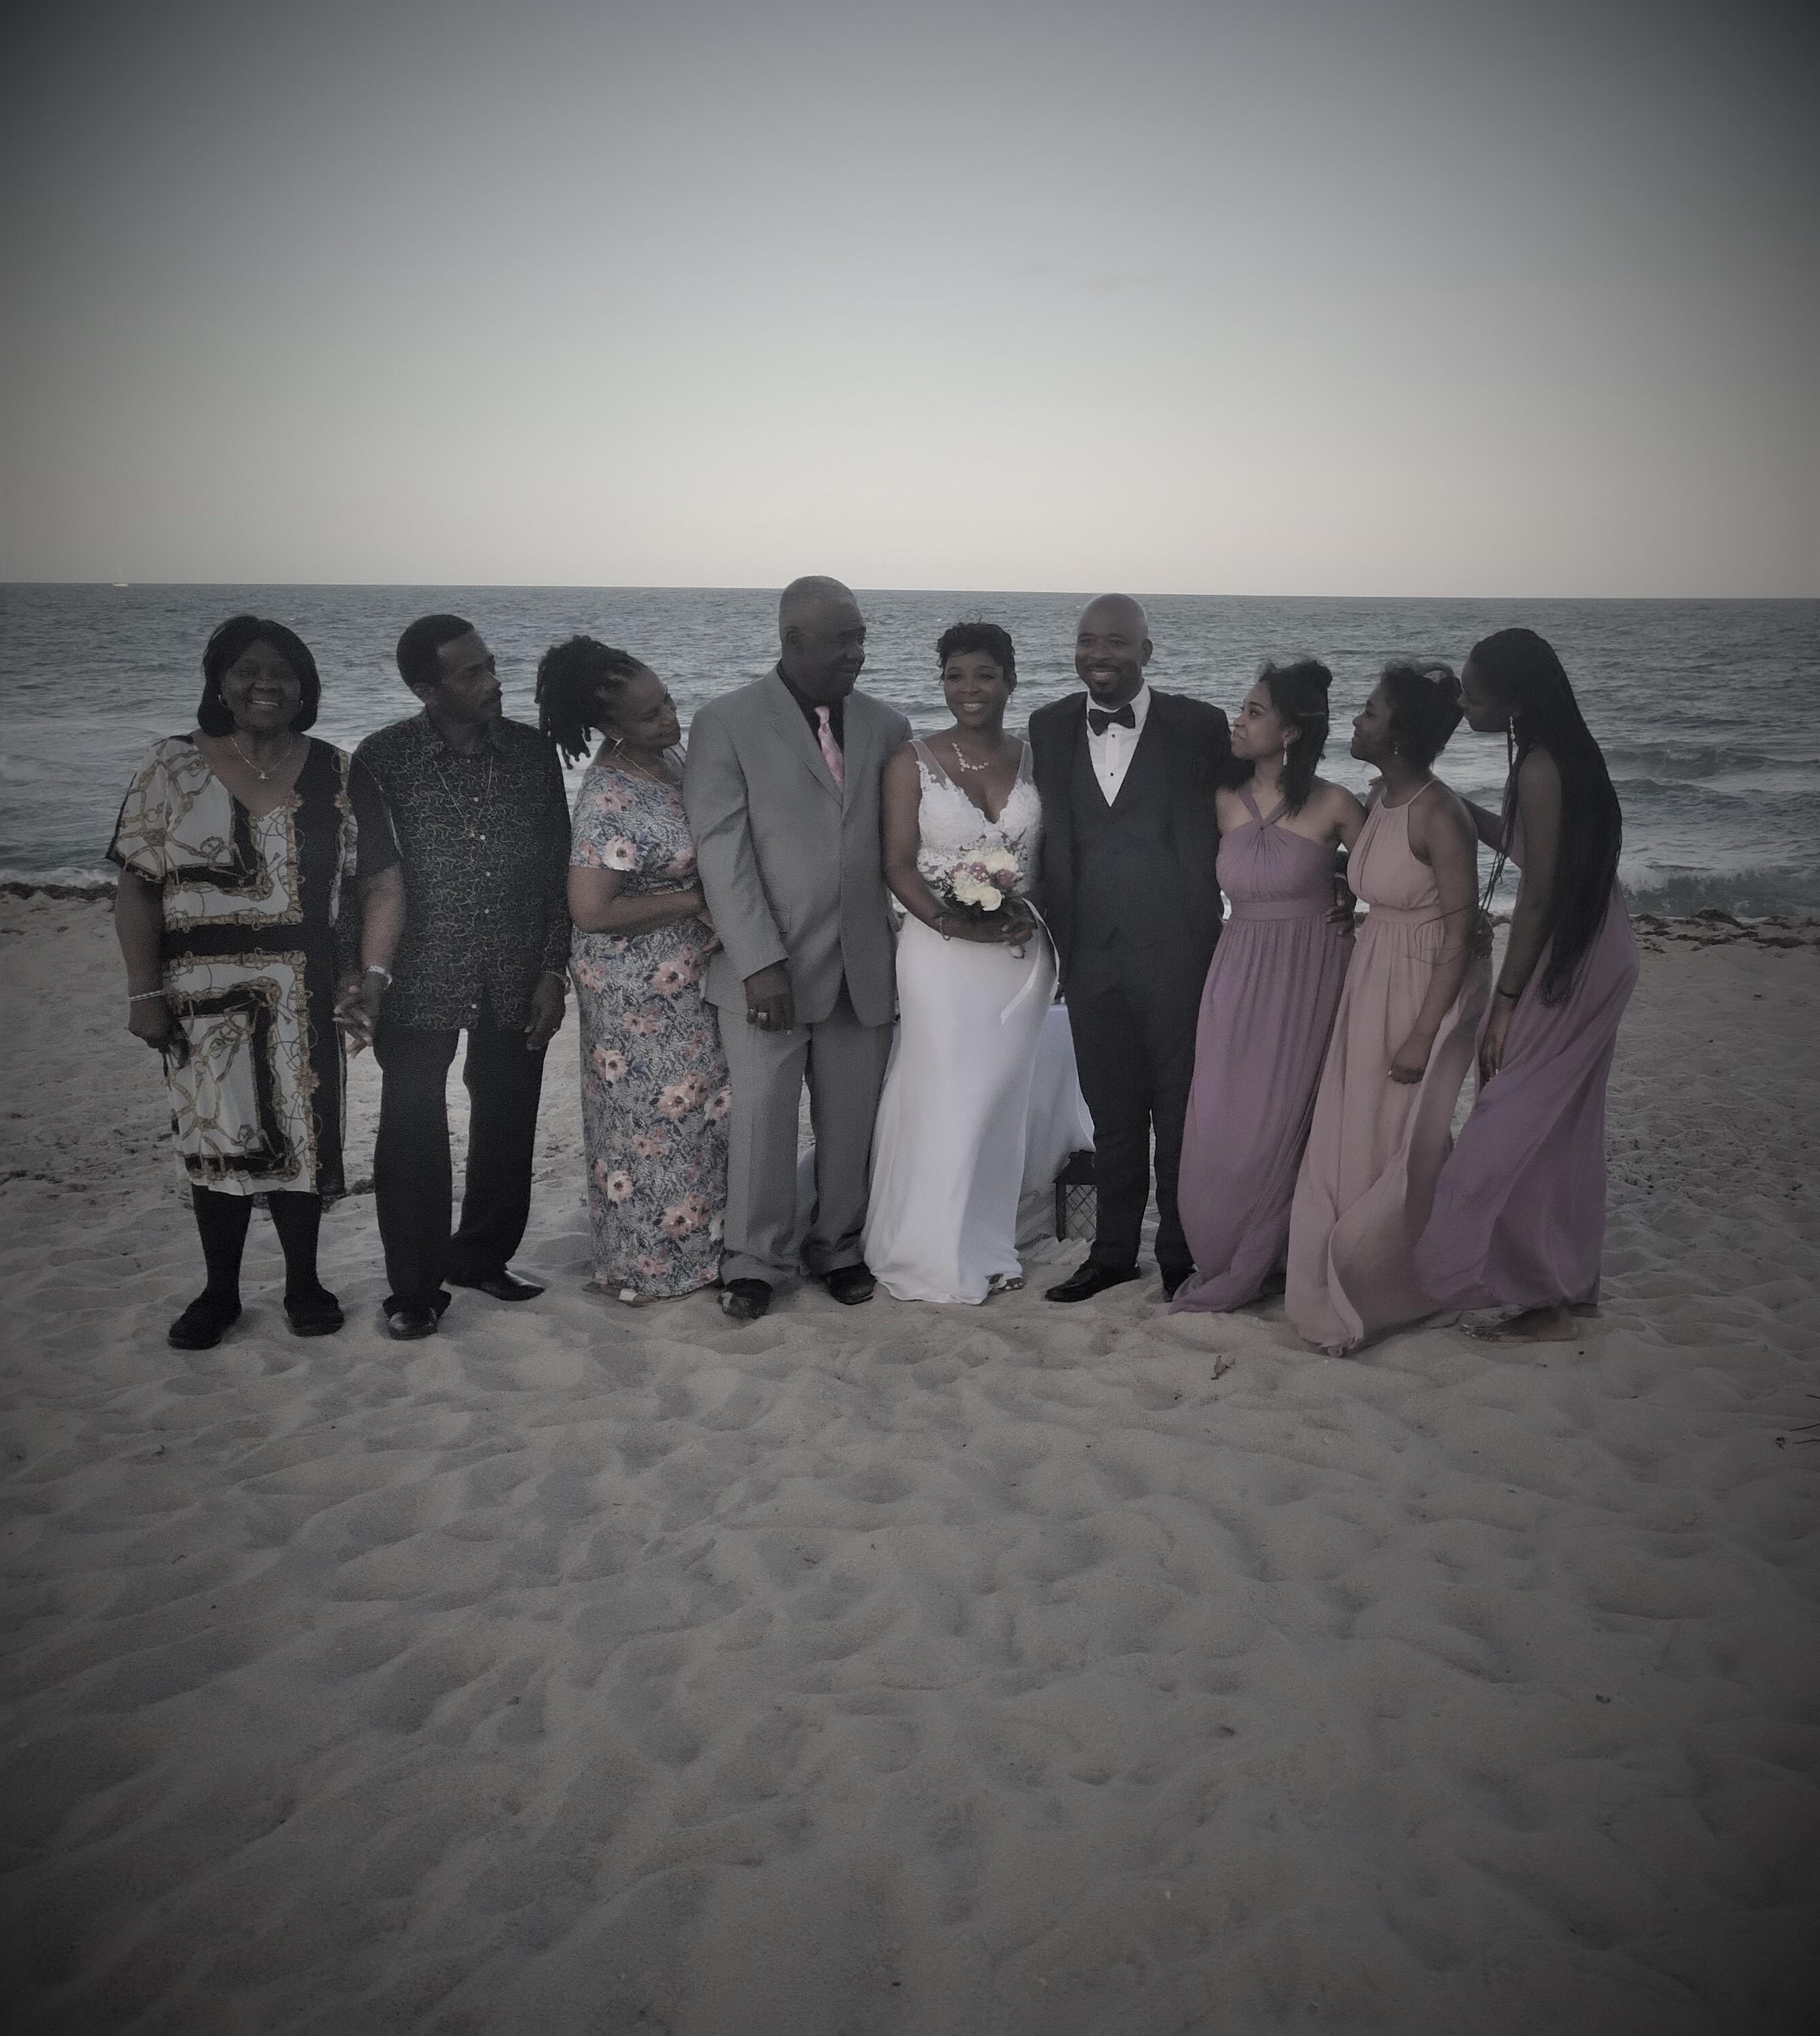 https://0201.nccdn.net/1_2/000/000/181/16d/bride-groom-family.jpg